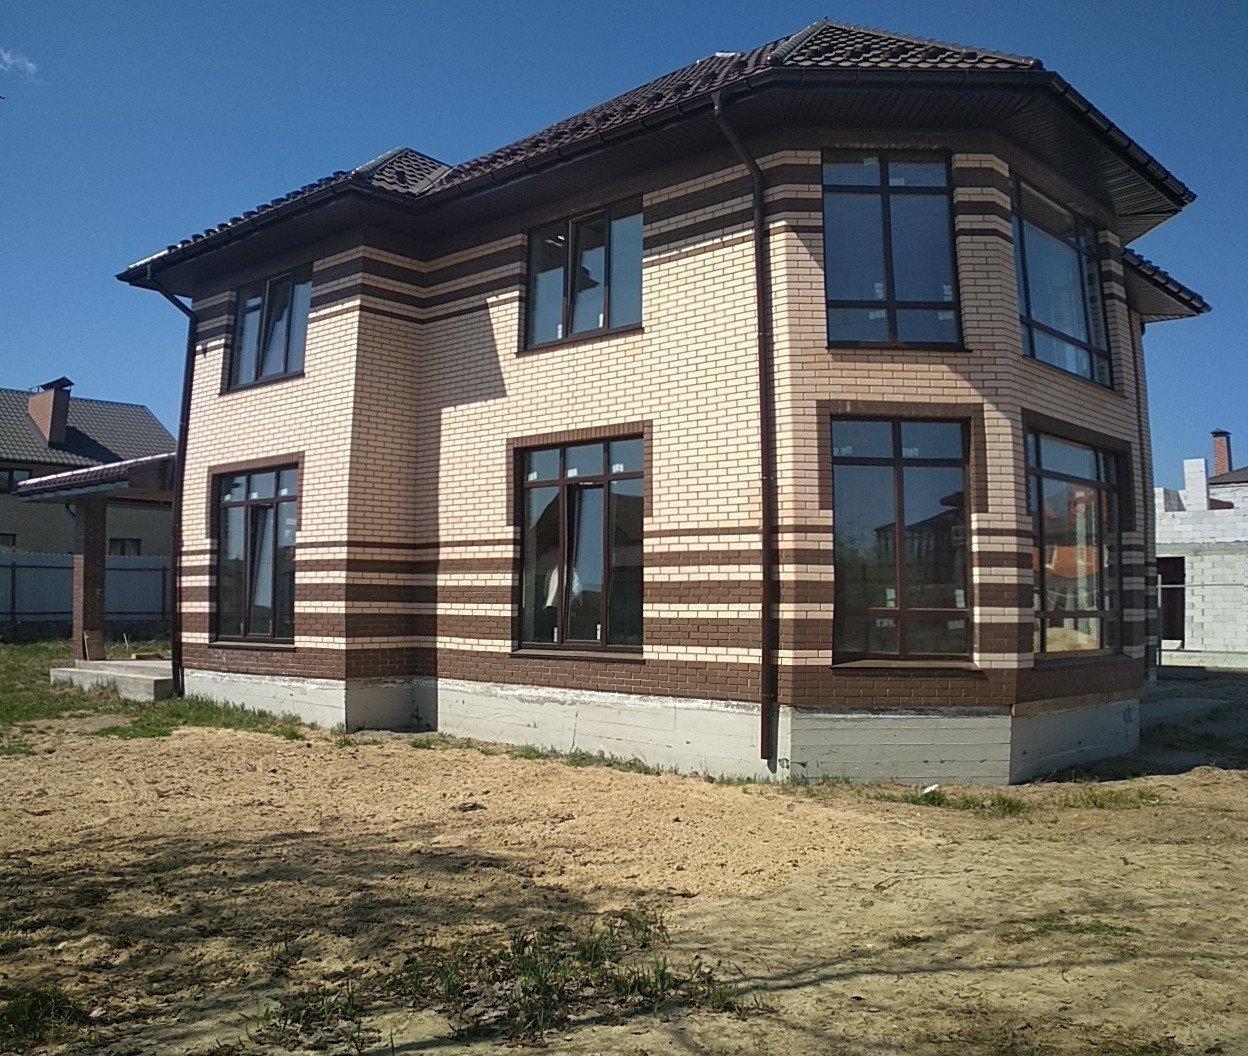 Фото: Продам коттедж в городе Осещина. Объявление № 5978